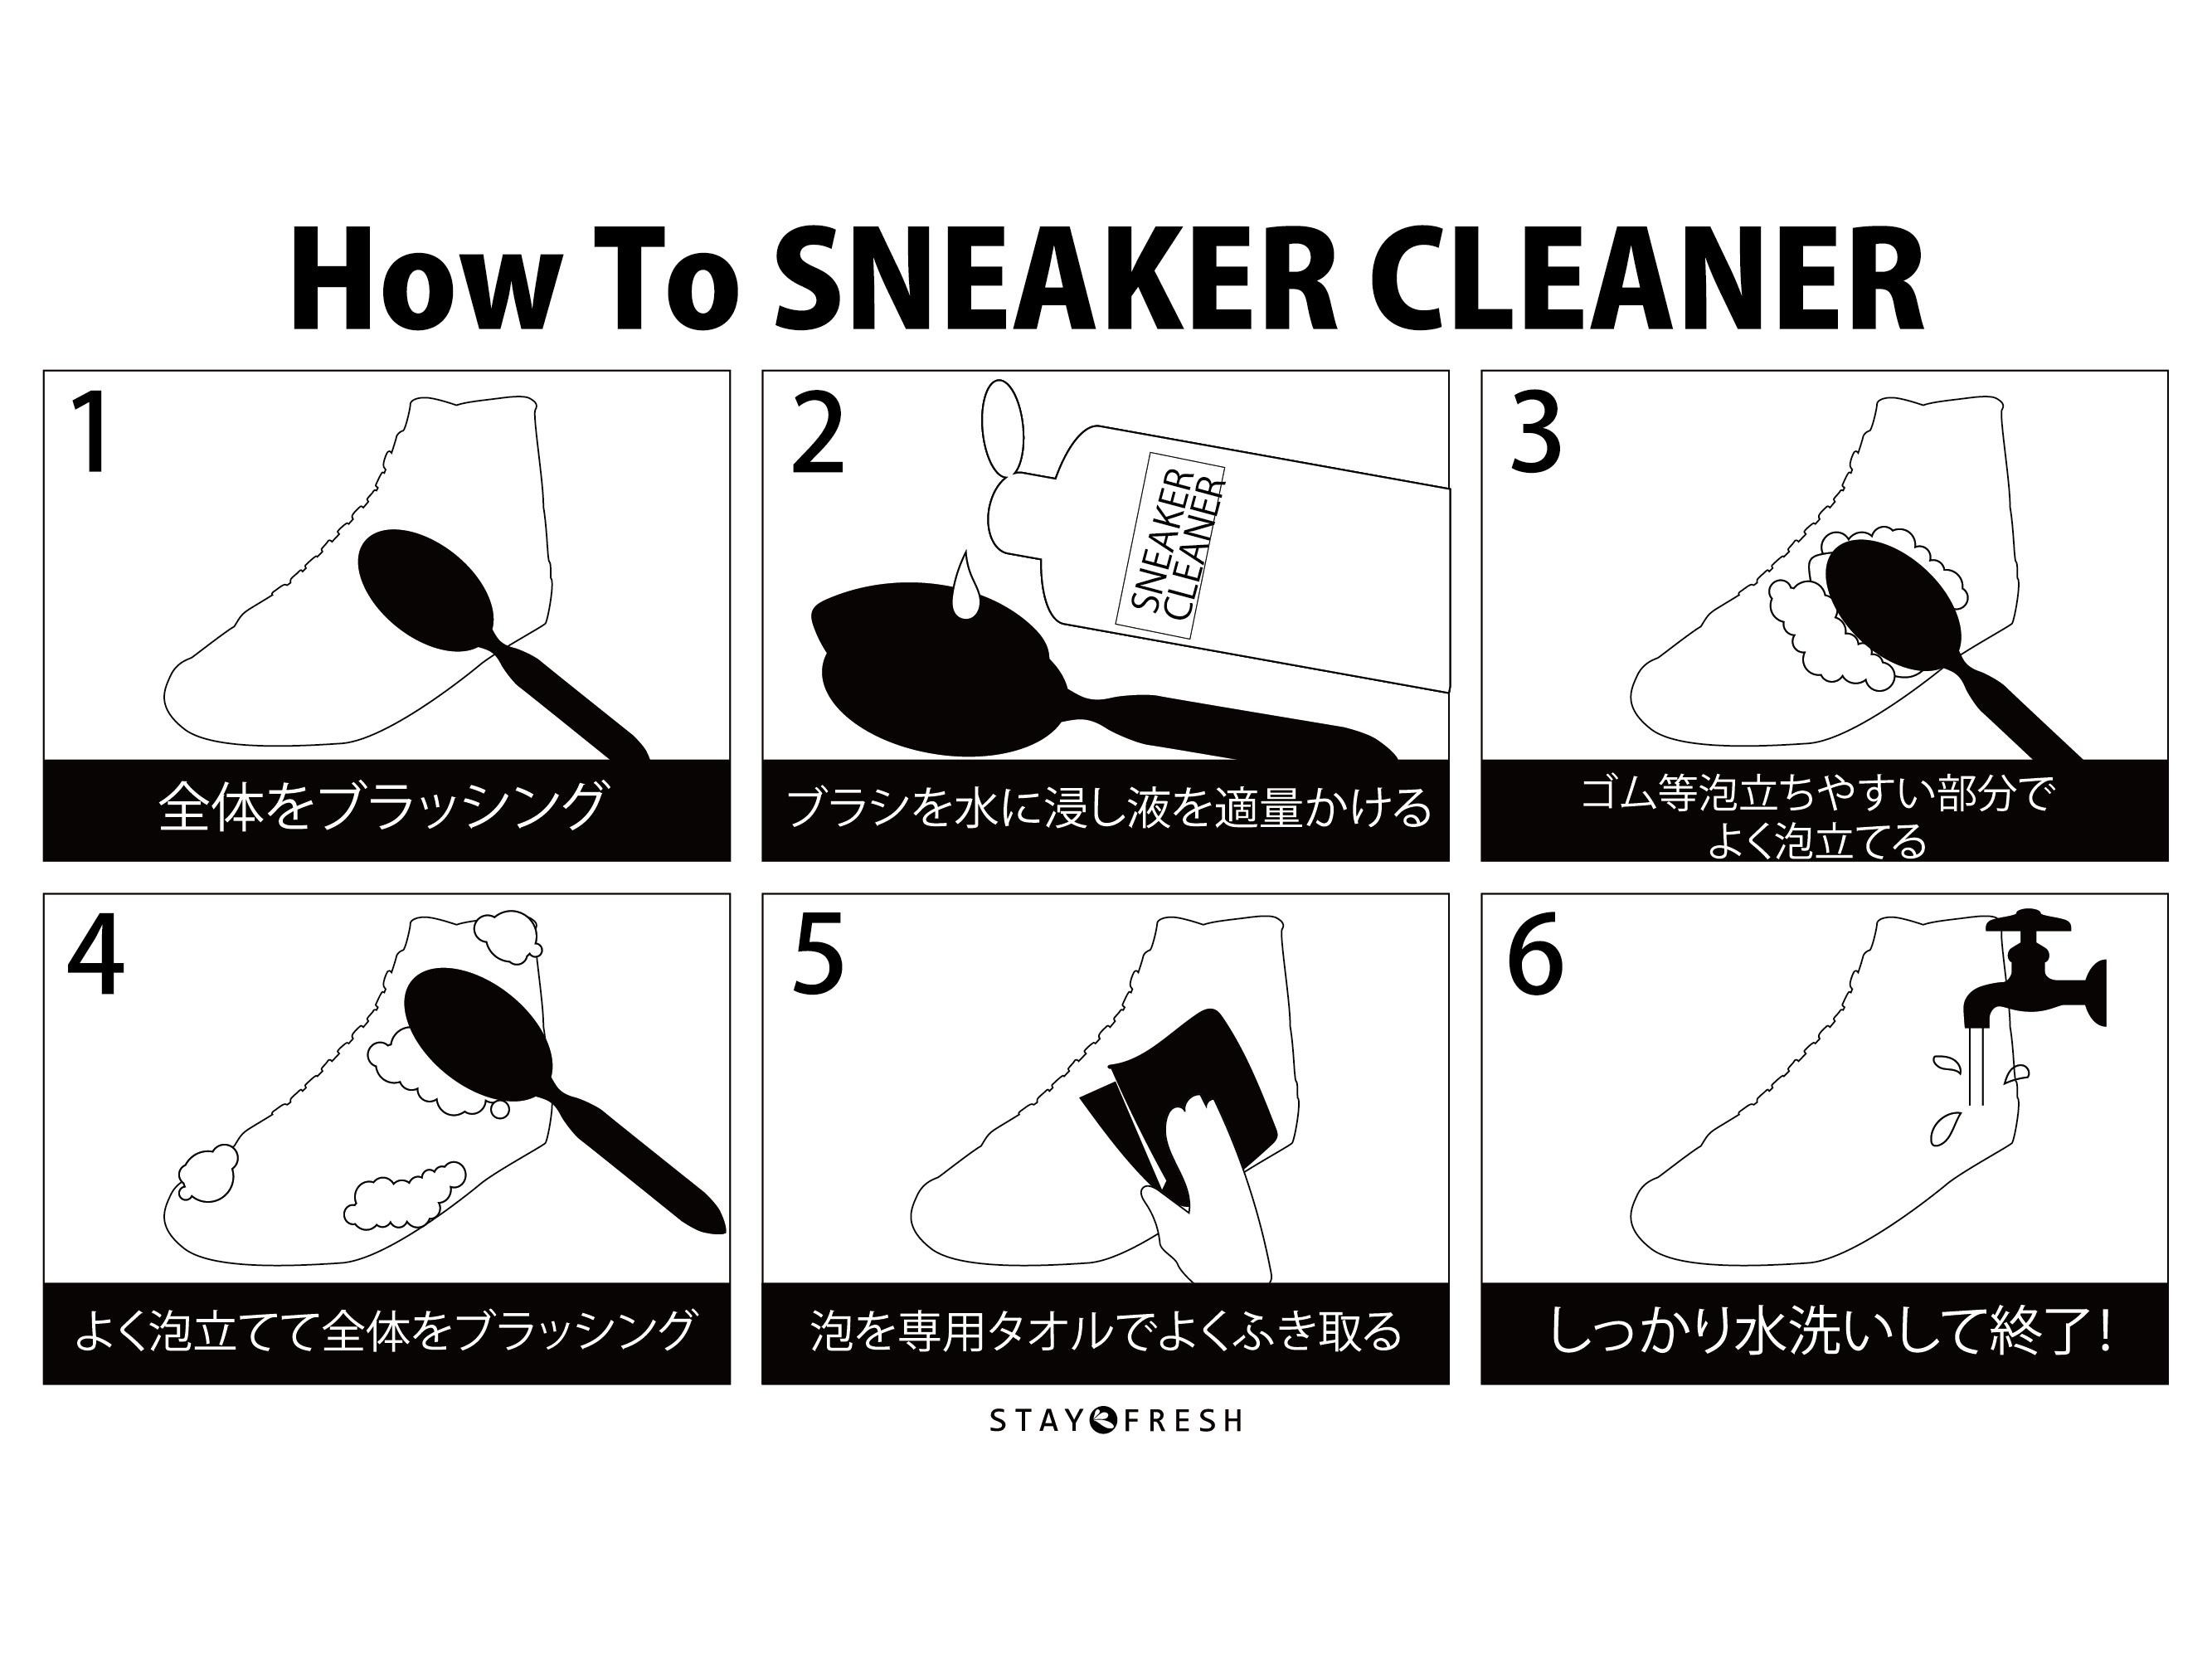 STAYFRESH SNEAKER CLEANER MICROFIBER TOWELの商品画像-2